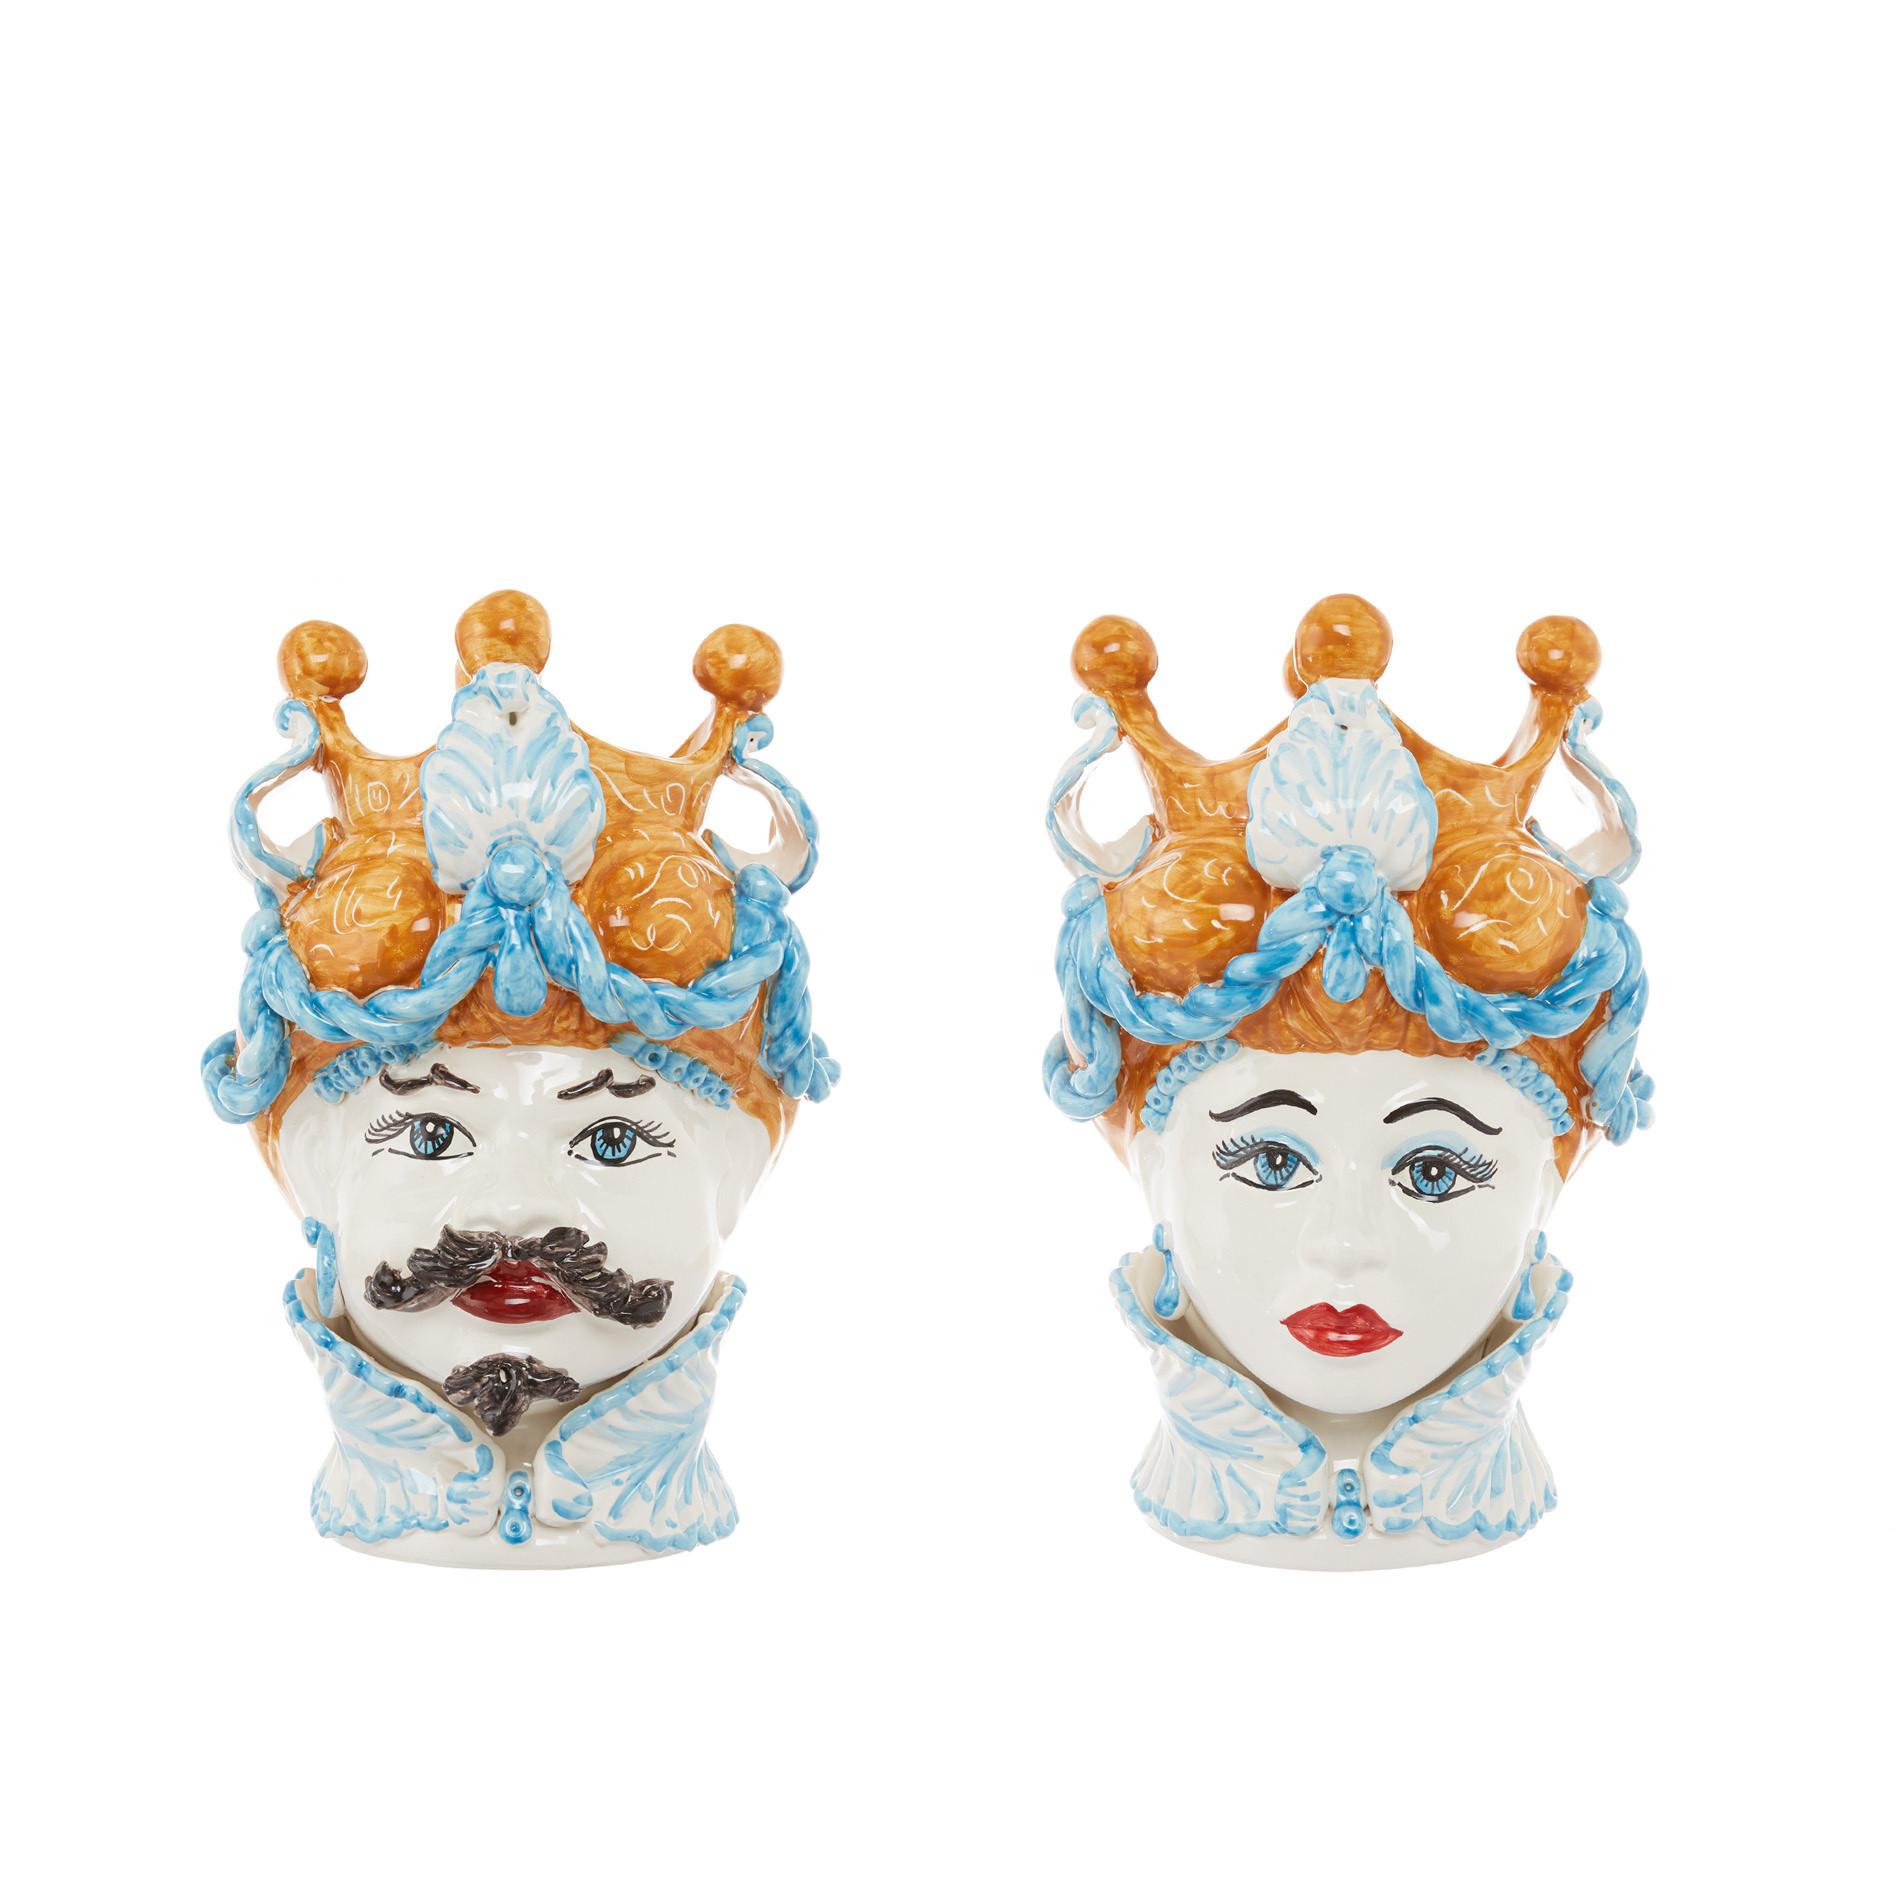 Testa di moro arabesque by Ceramiche Siciliane Ruggeri, Multicolor, large image number 5